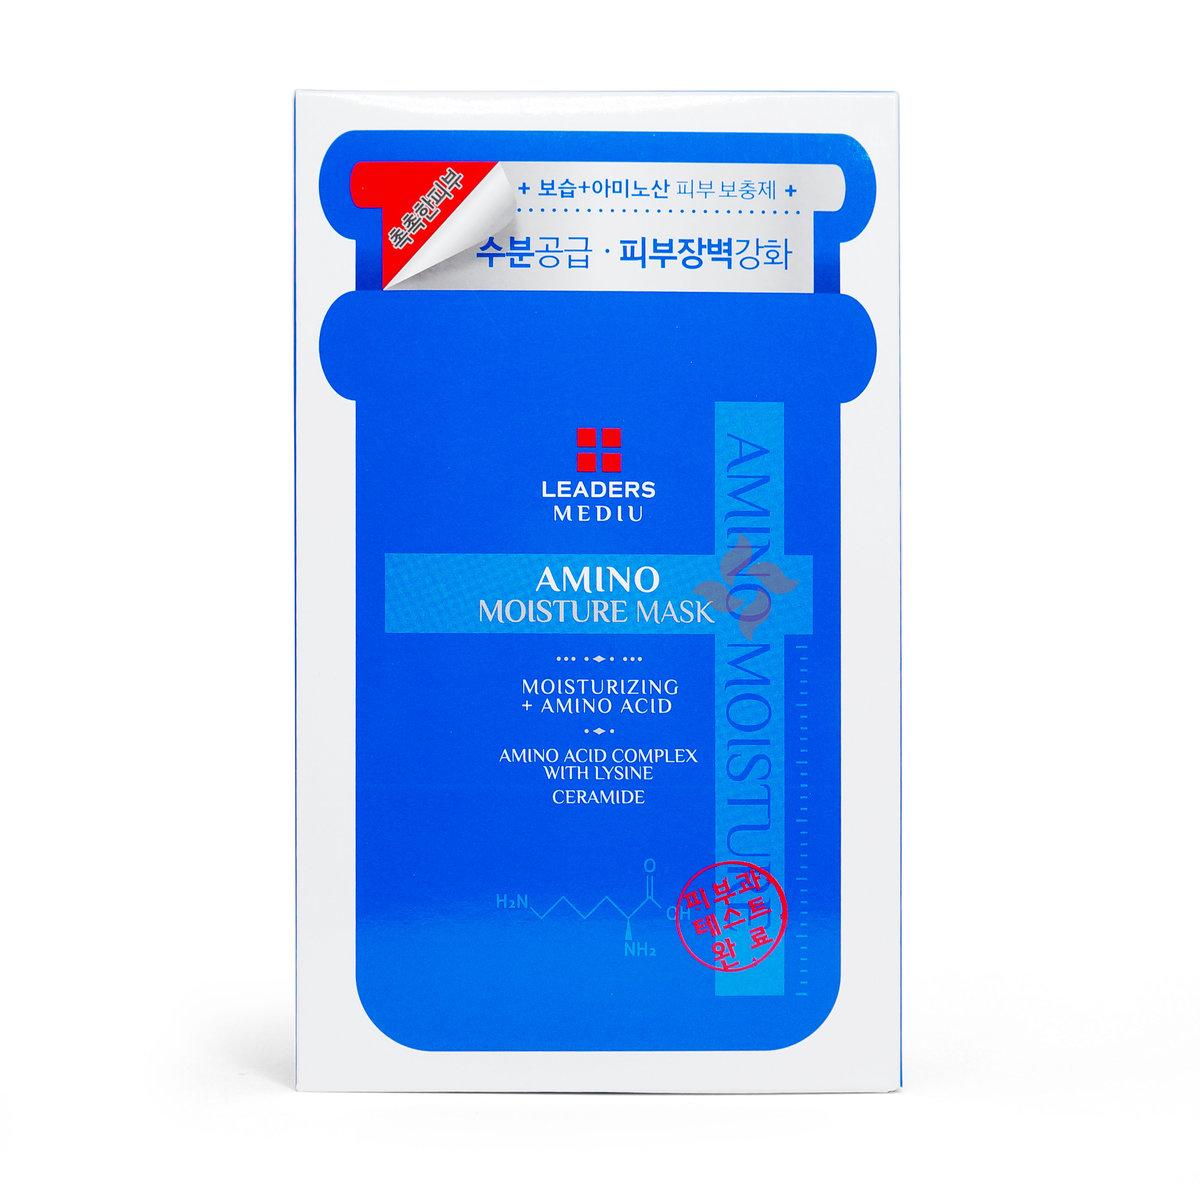 第二代氨基酸面膜 – 深層補水 (1盒10片) 藍色  (8809242199341)